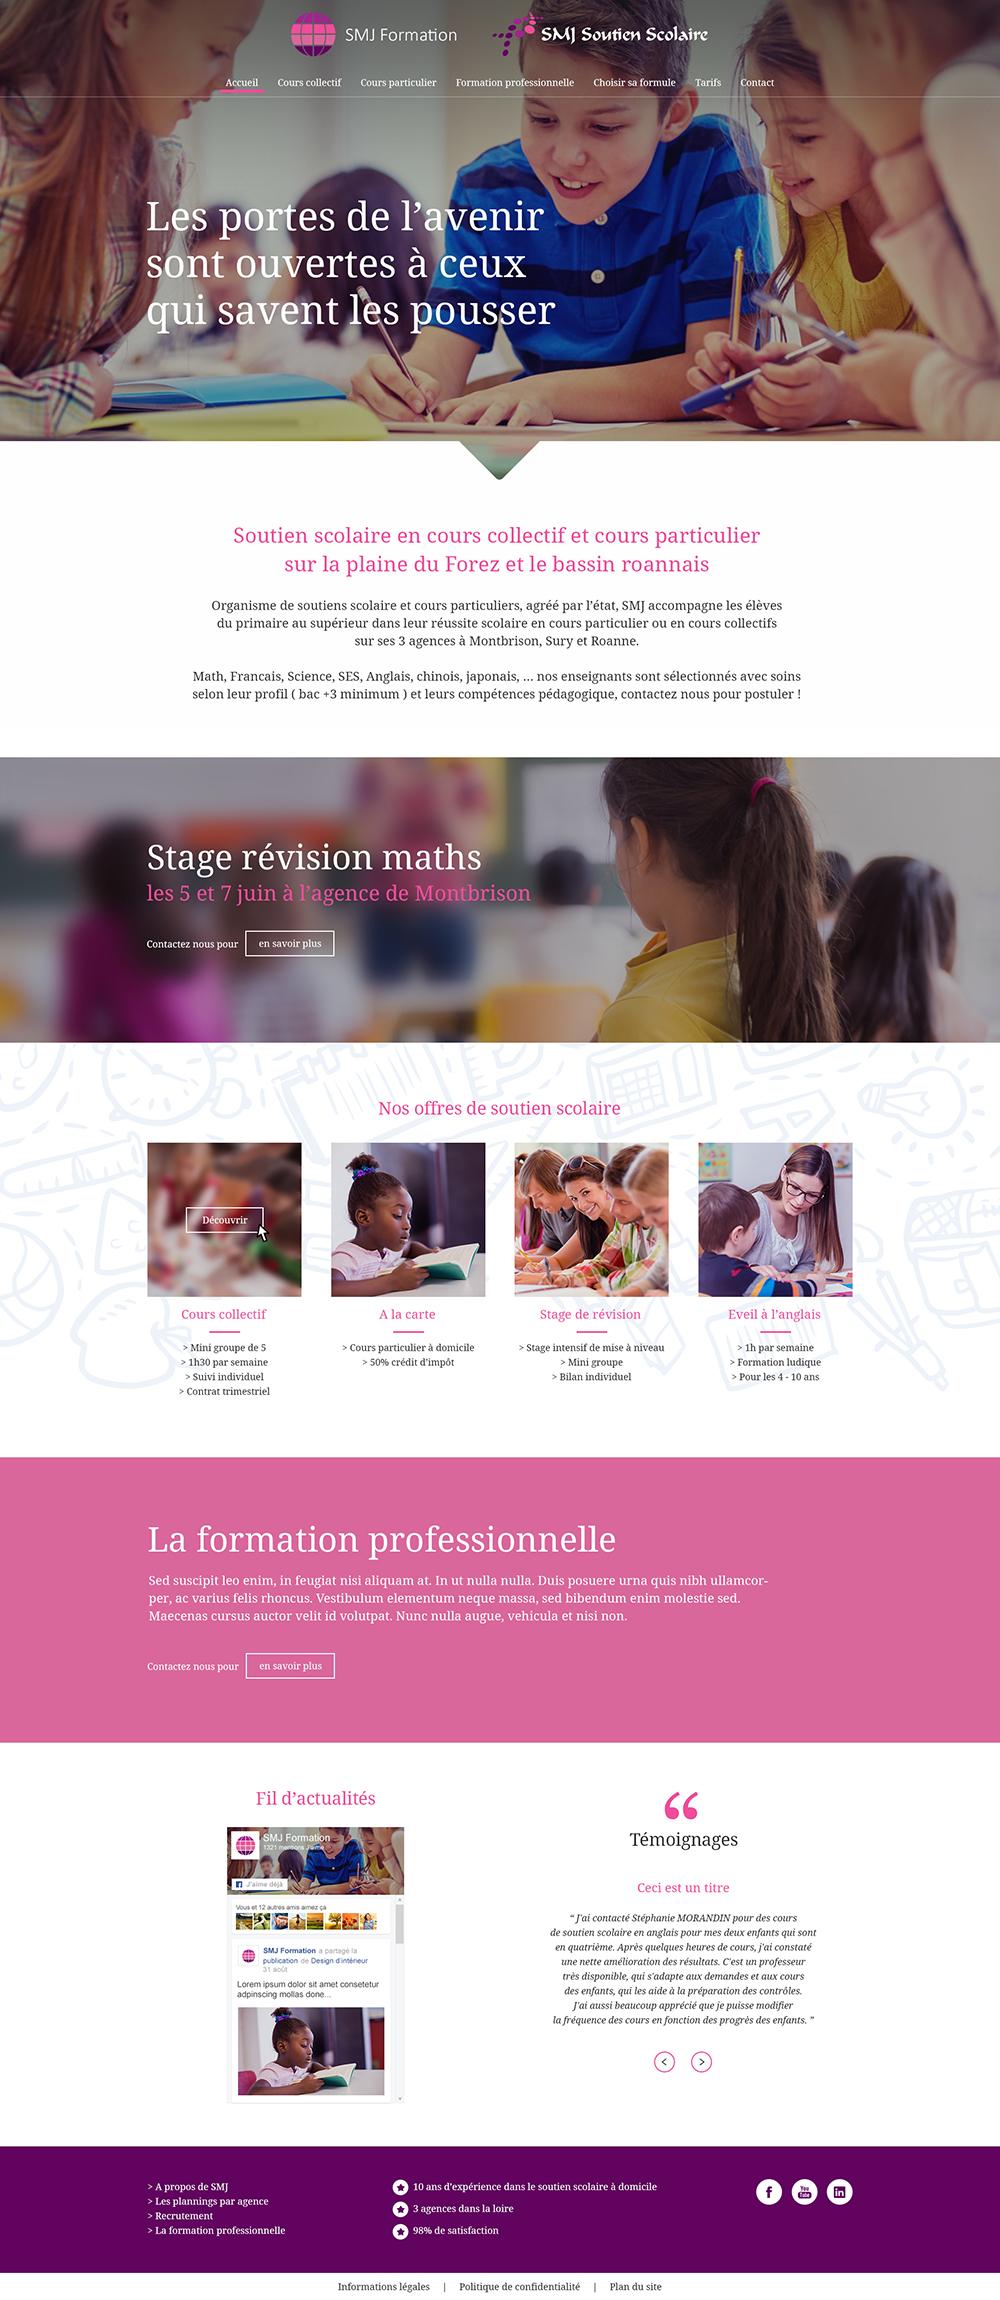 byedel_webdesign_actioncom_smj-formation1